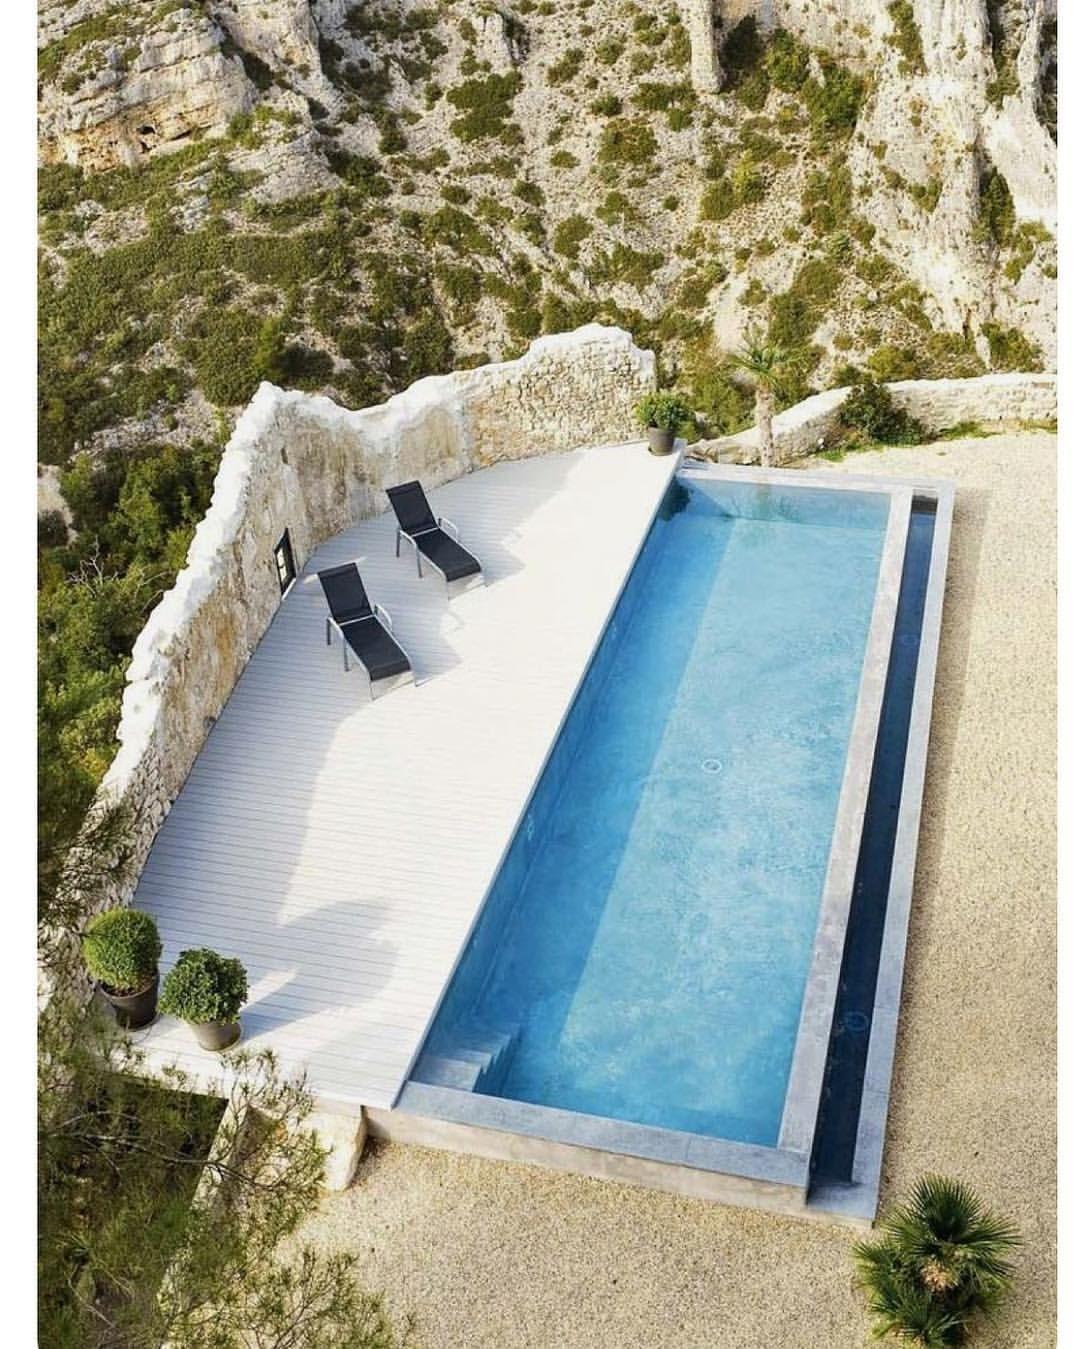 Pin De Conchi Moreno En Piscinas | 수영장, 건축 Y 인테리어